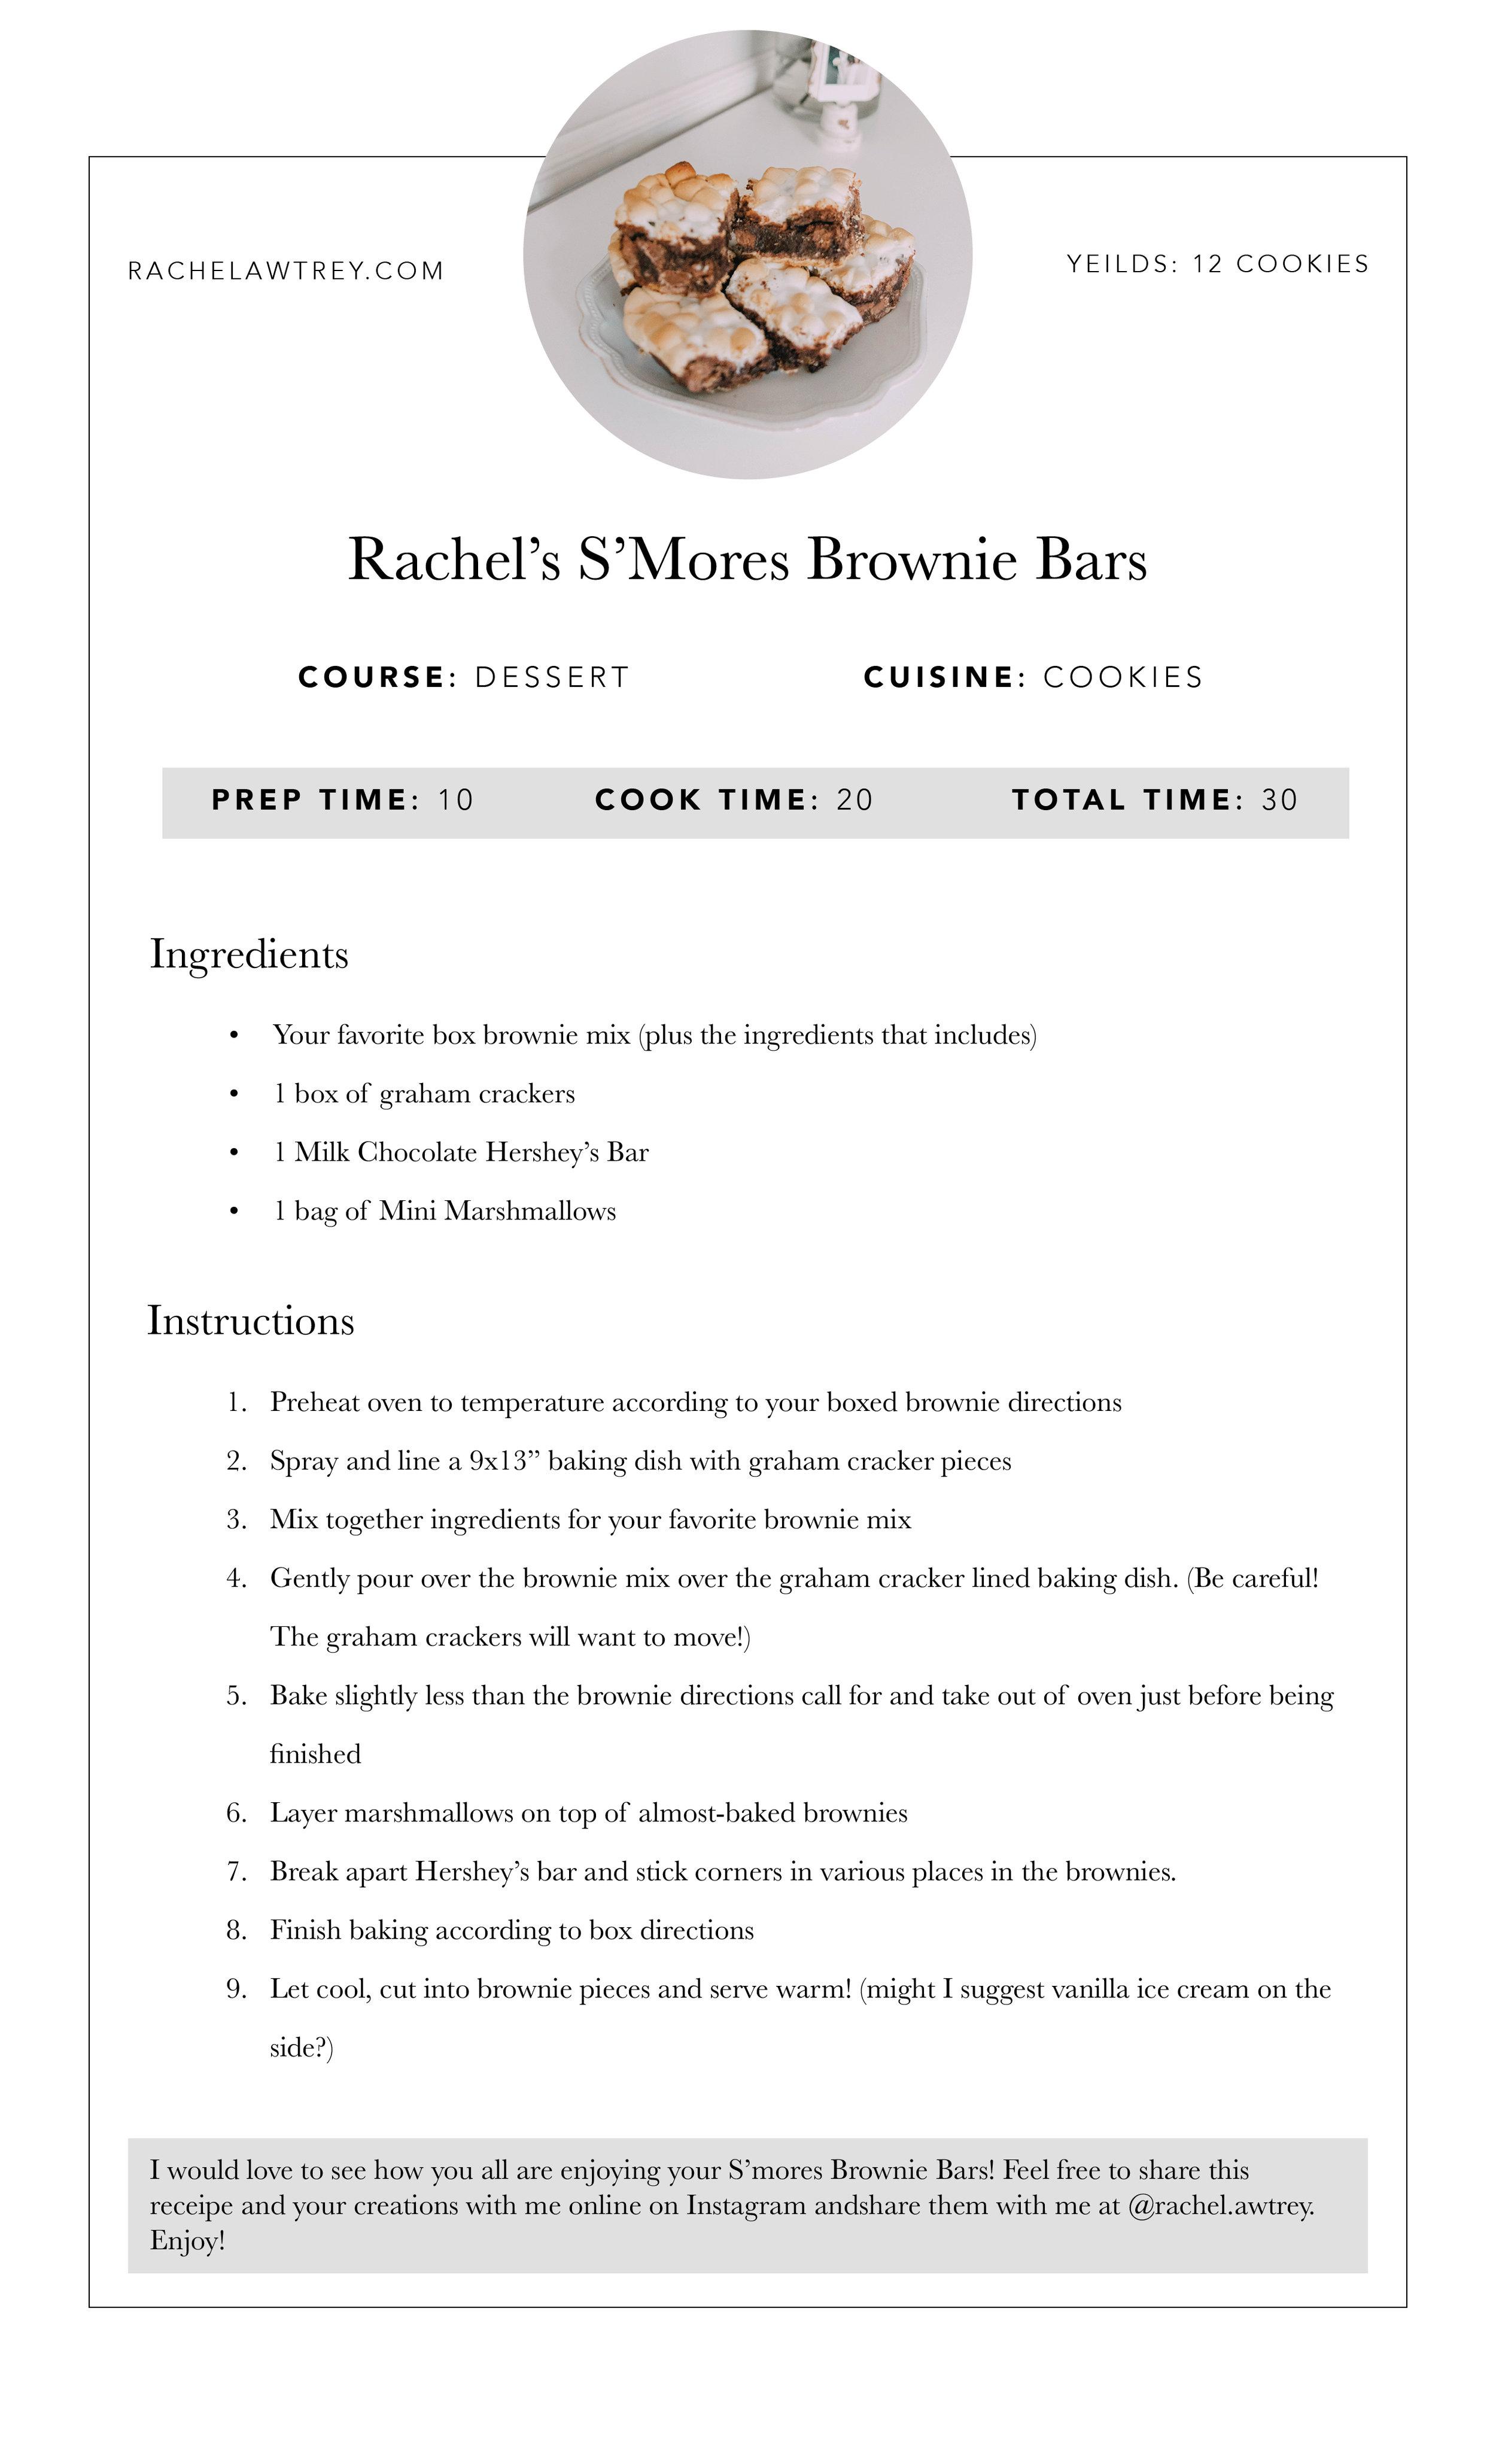 S'mores Brownie BArs.jpg